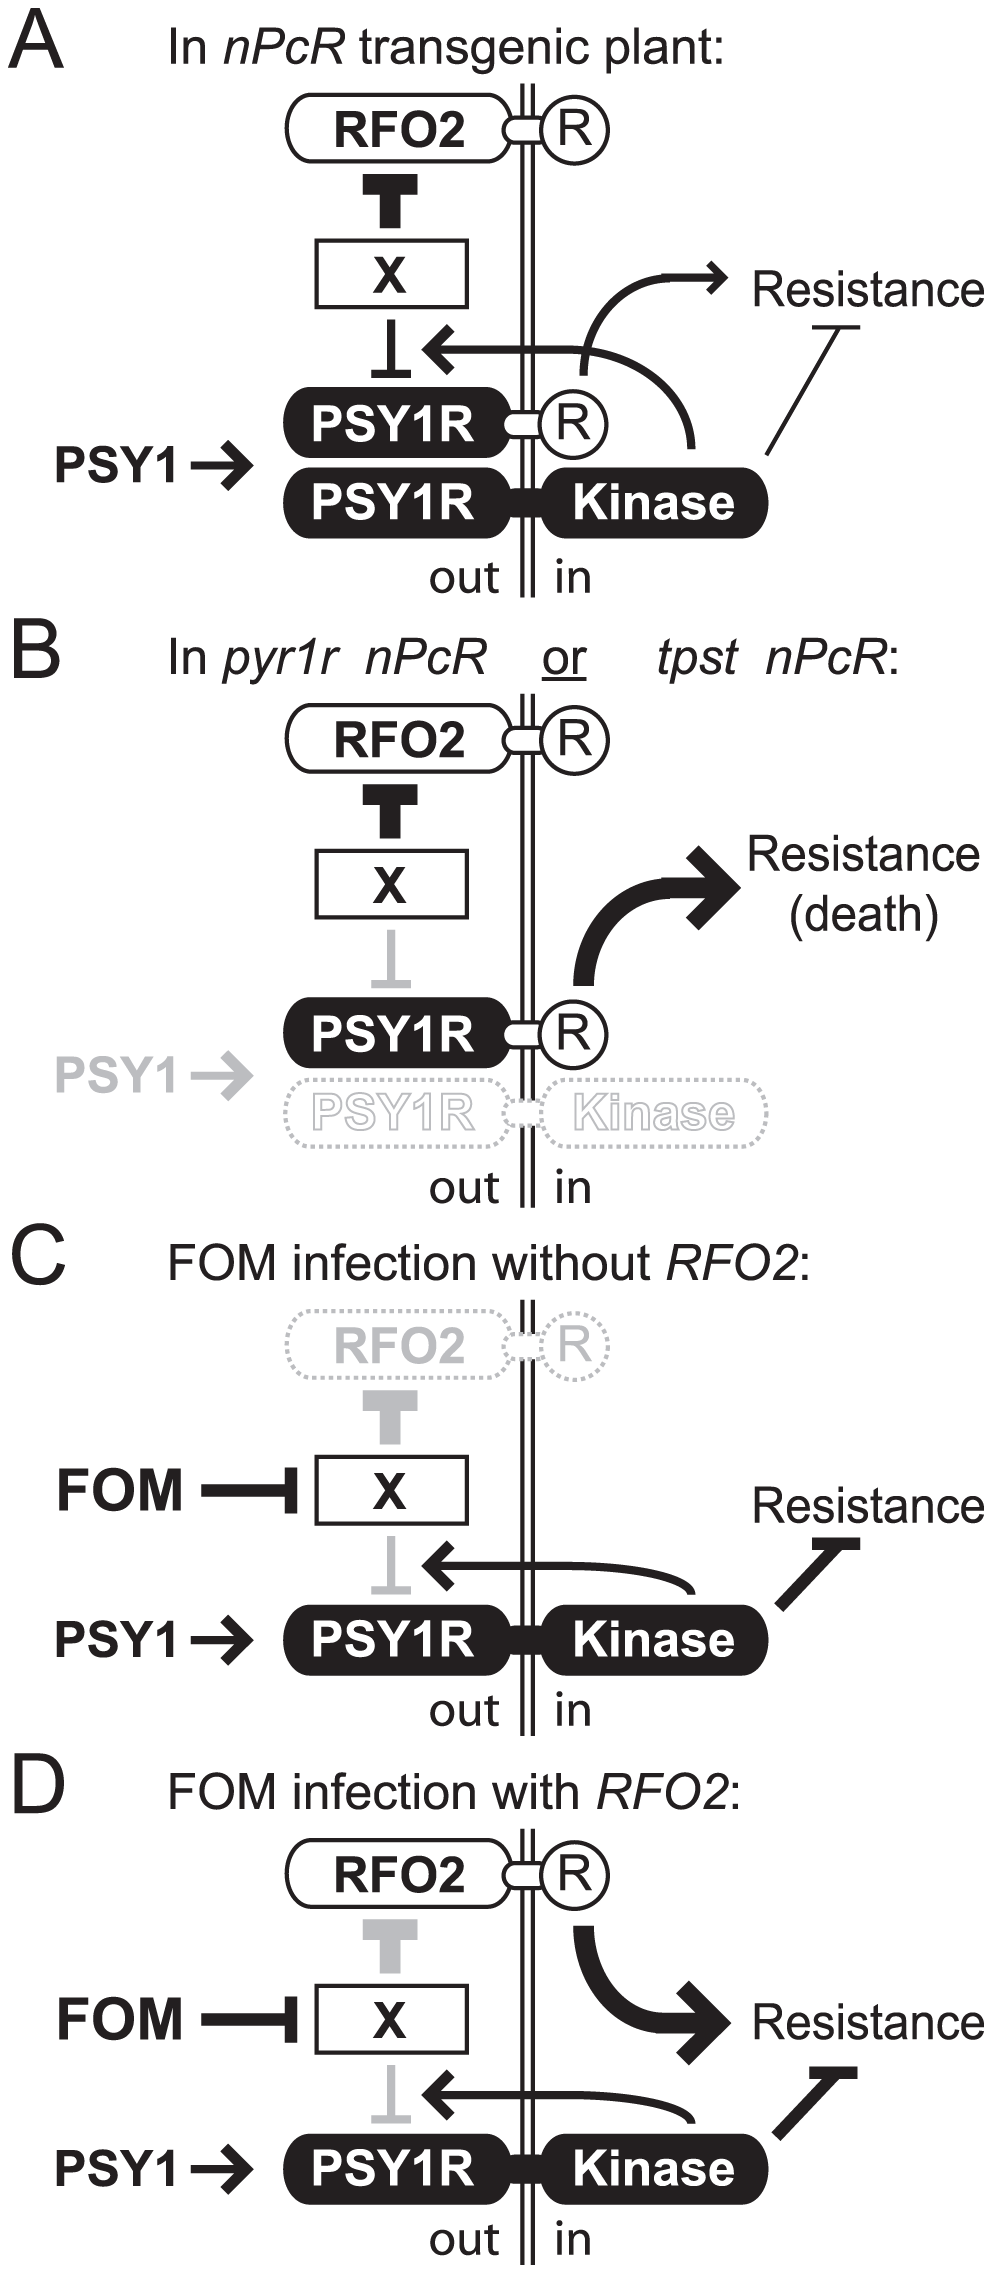 Model for RFO2-mediate resistance.